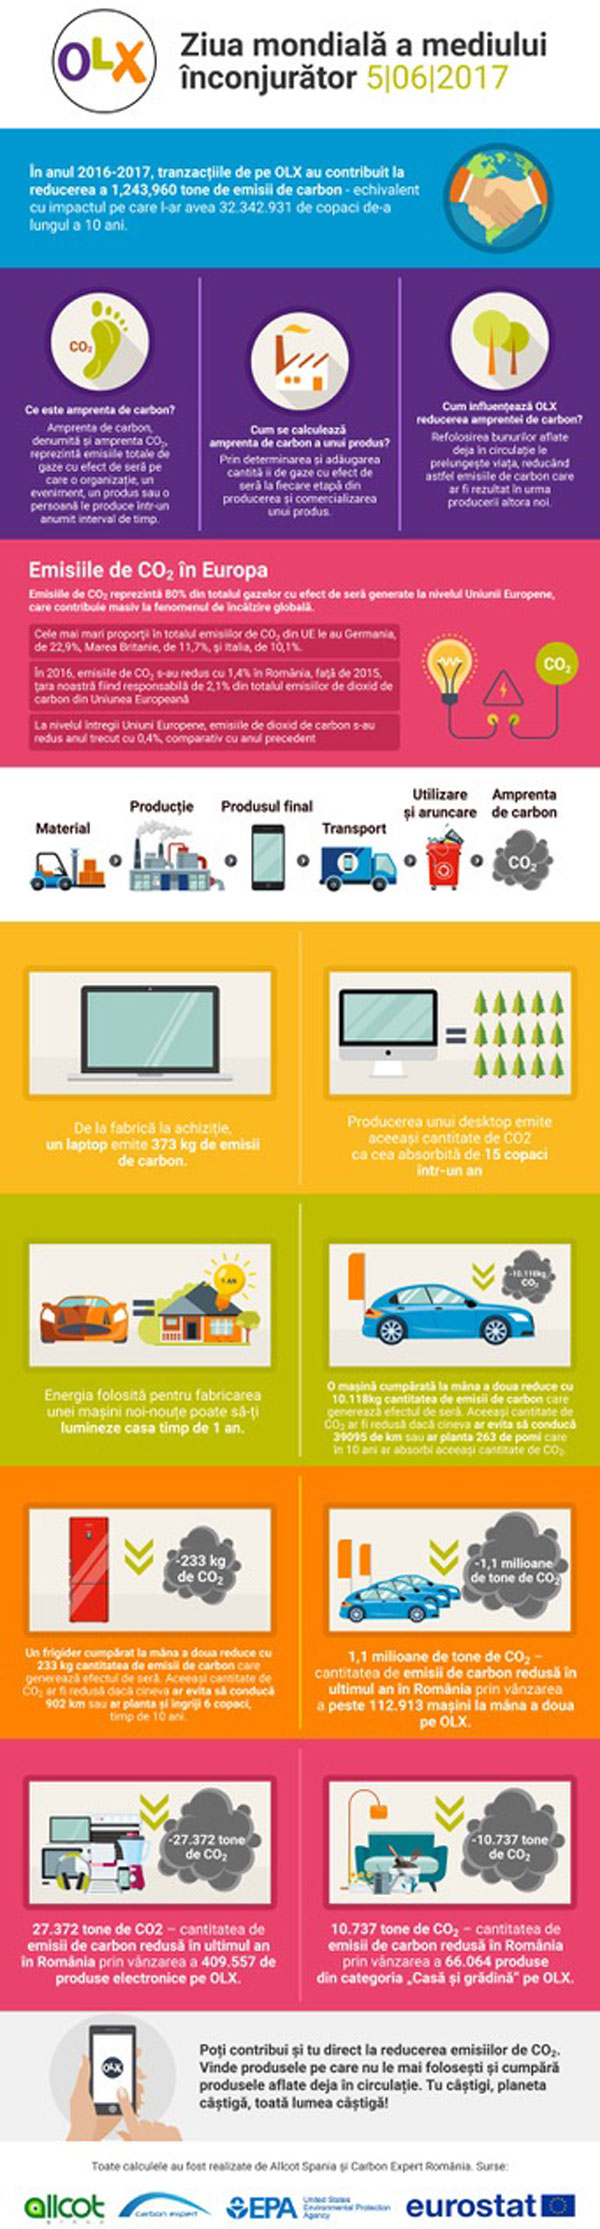 olx-infografic-ziua-pamantului